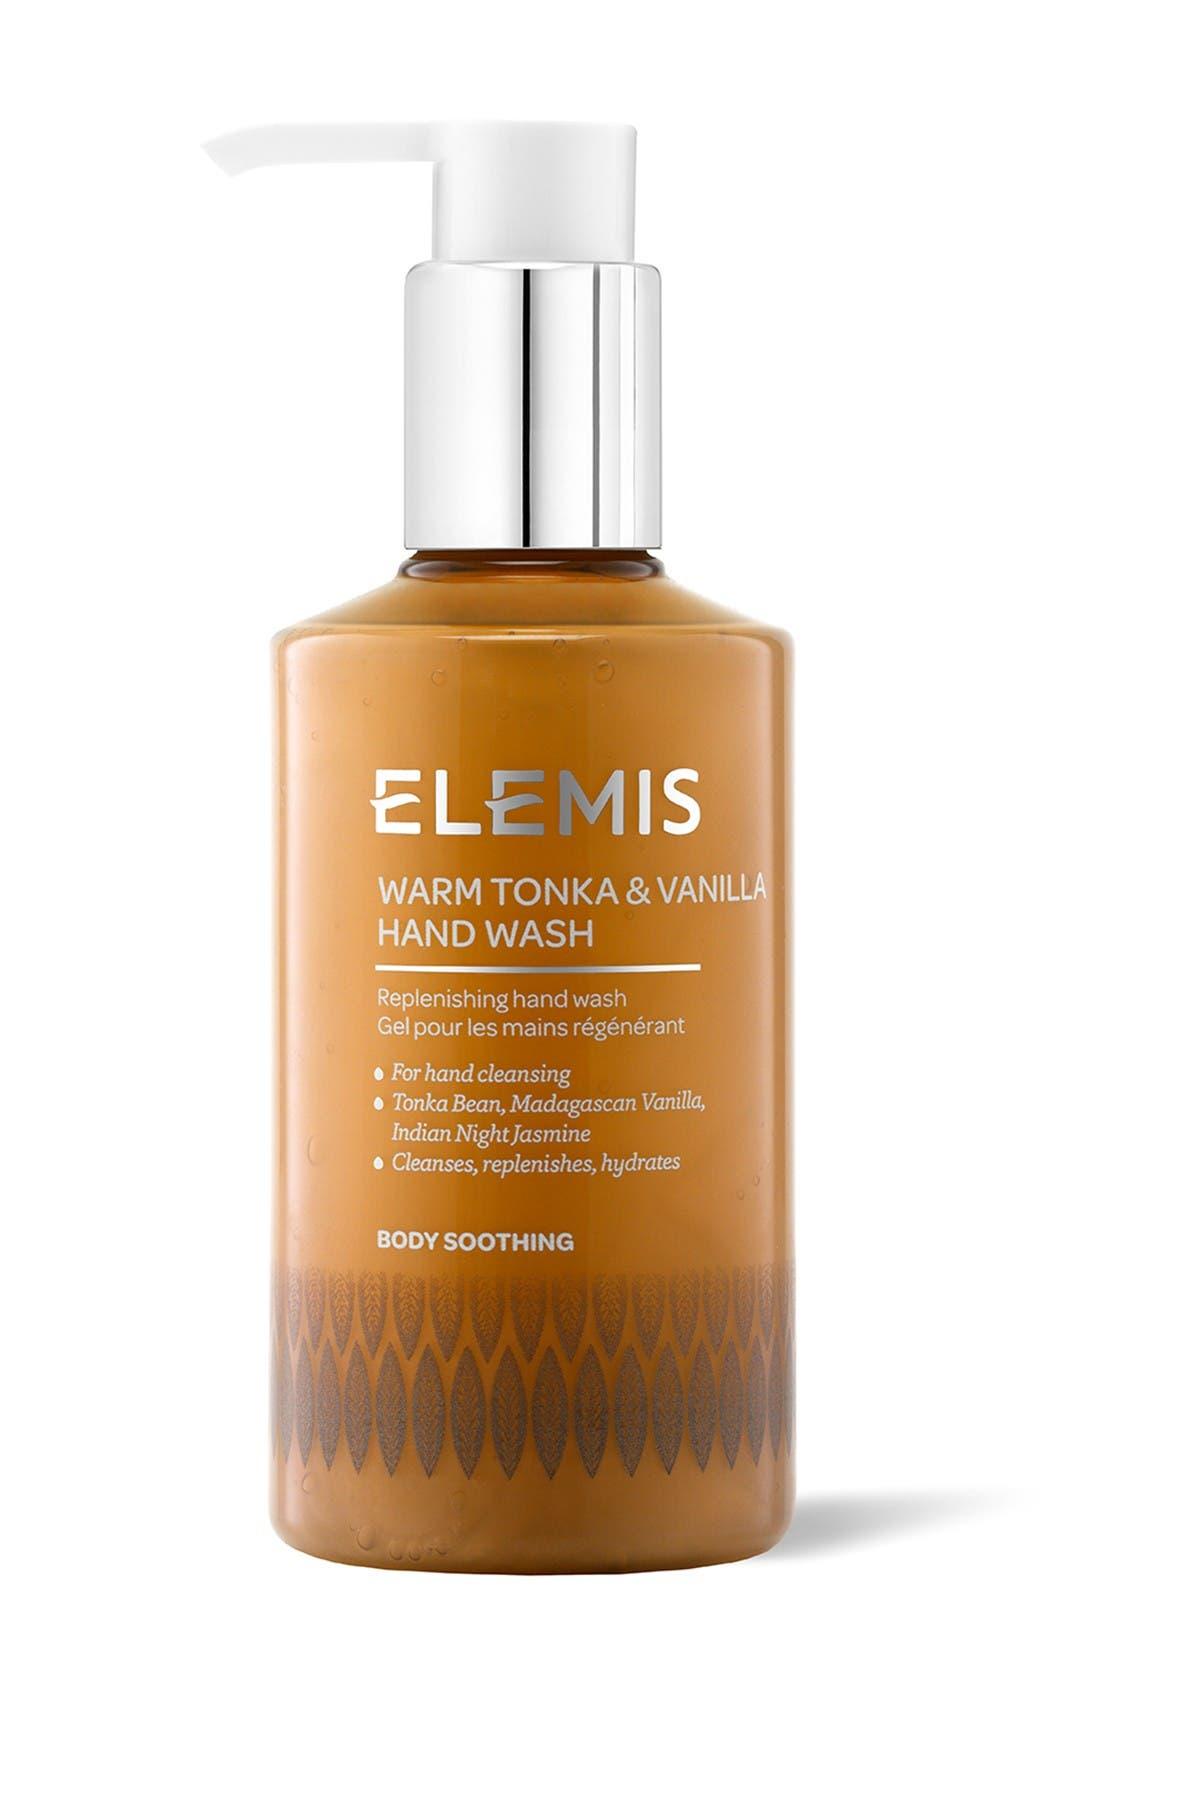 Image of Elemis Warm Tonka & Vanilla Hand Wash